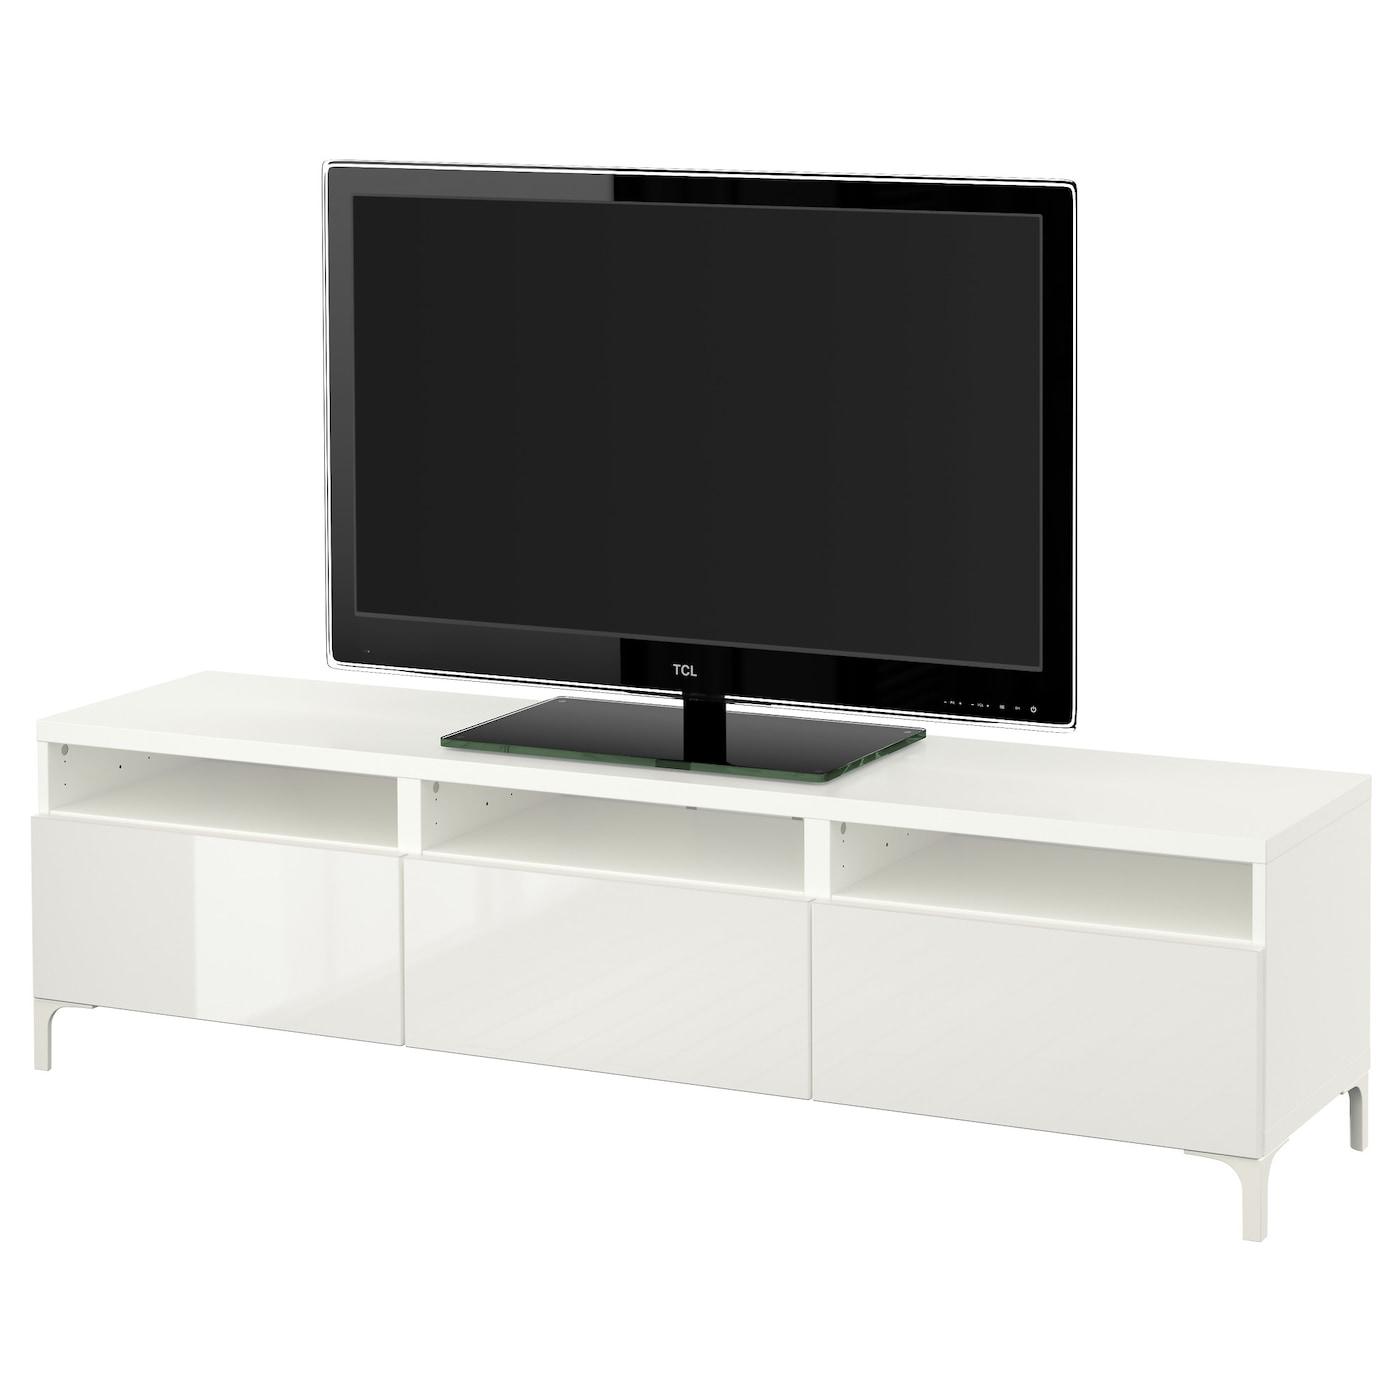 BESTÅ, TV-Bank mit Schubladen, weiß 491.930.02